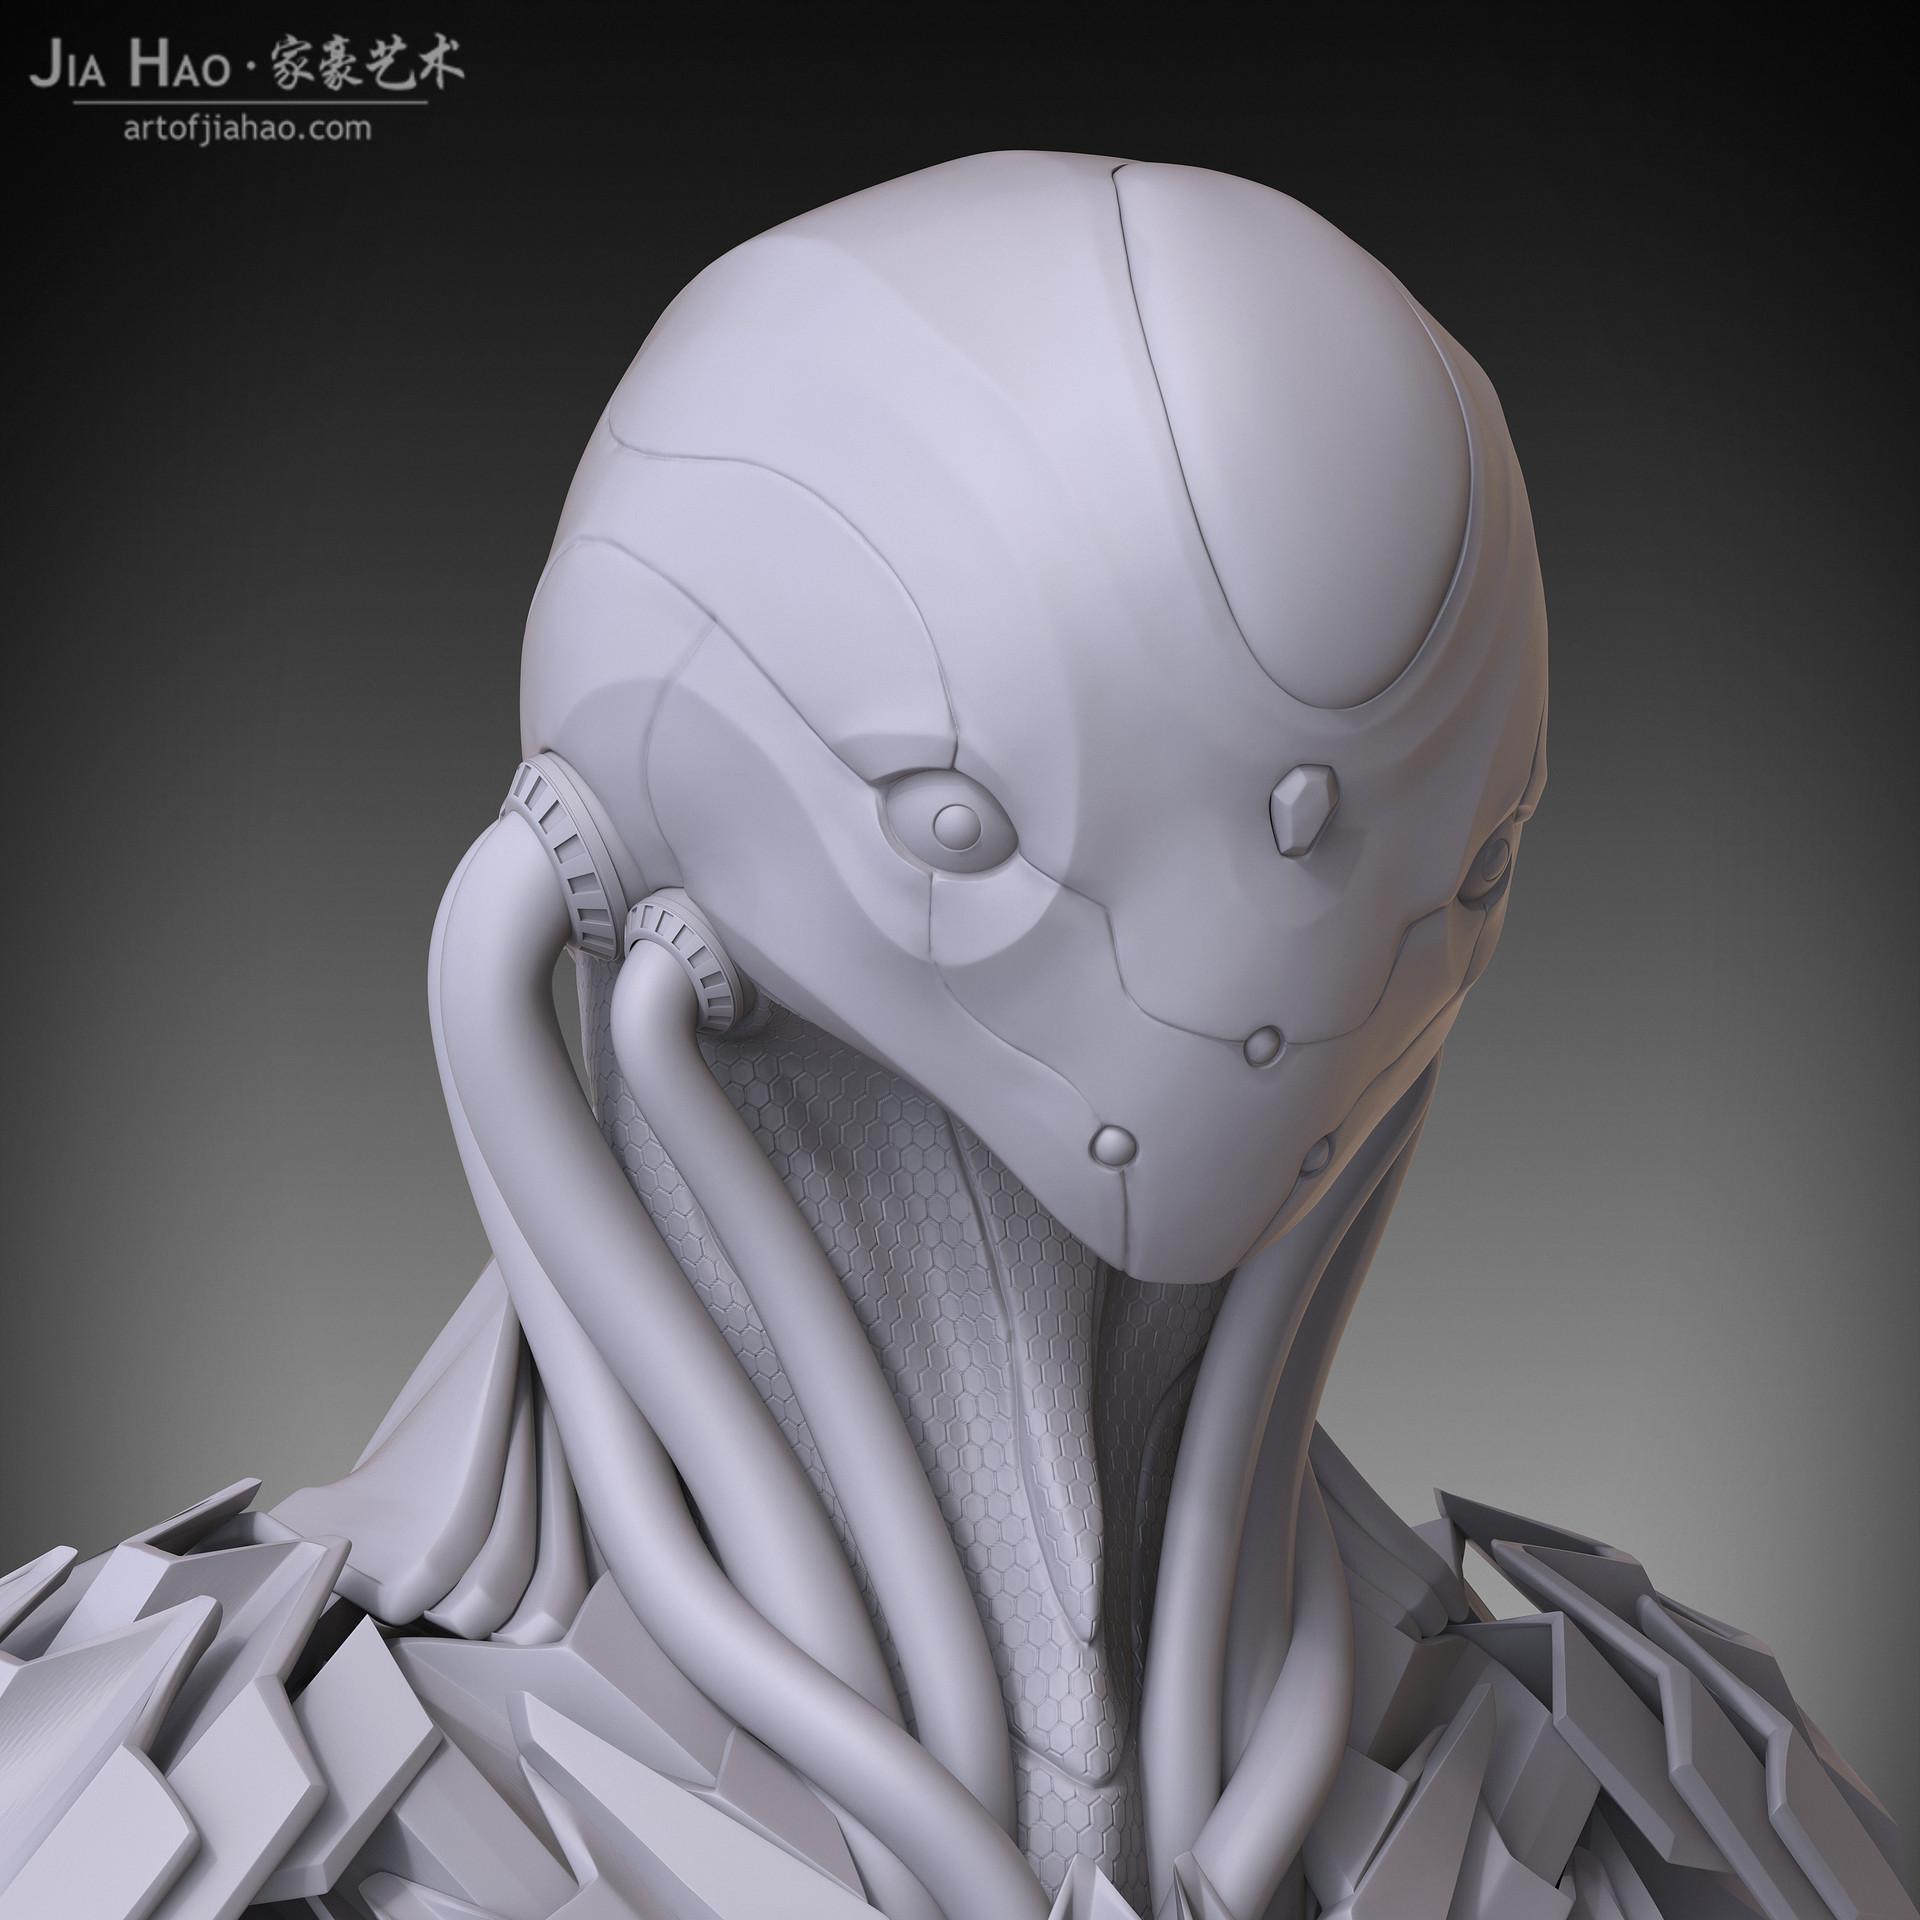 Jia hao elite 03